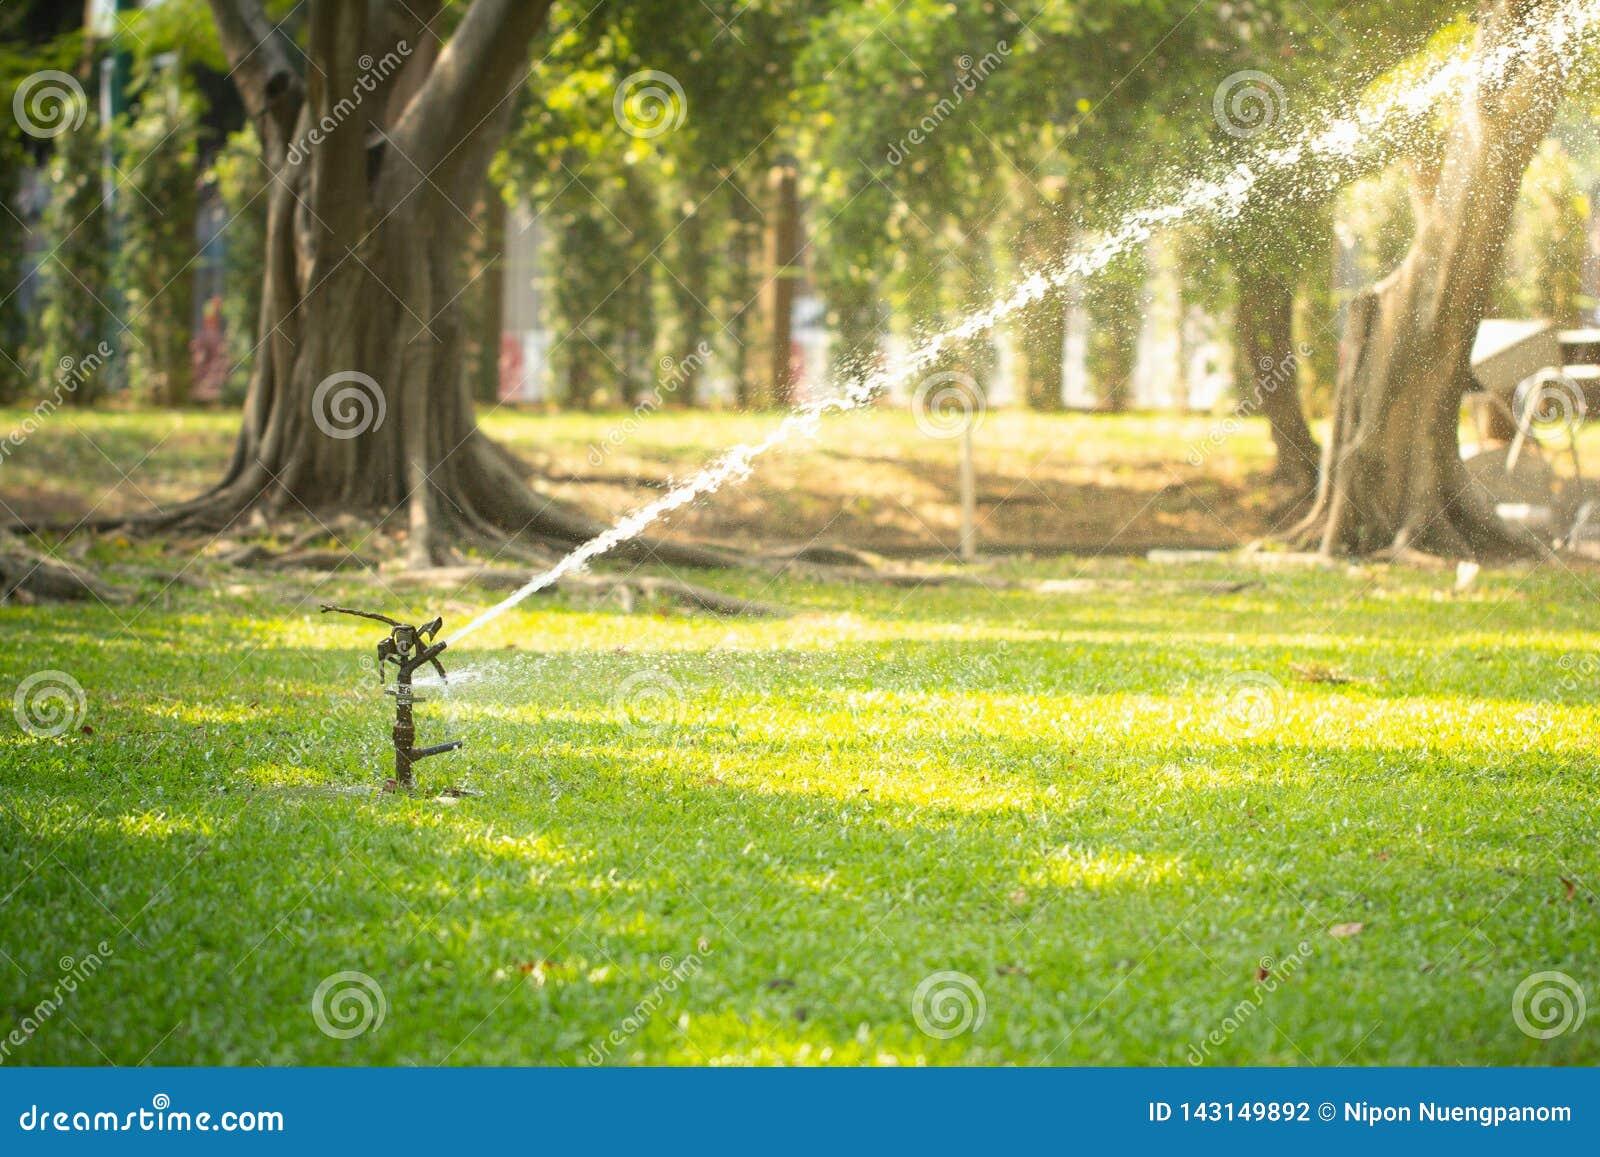 Grama molhando do sistema de extinção de incêndios do gramado no jardim sob a luz solar